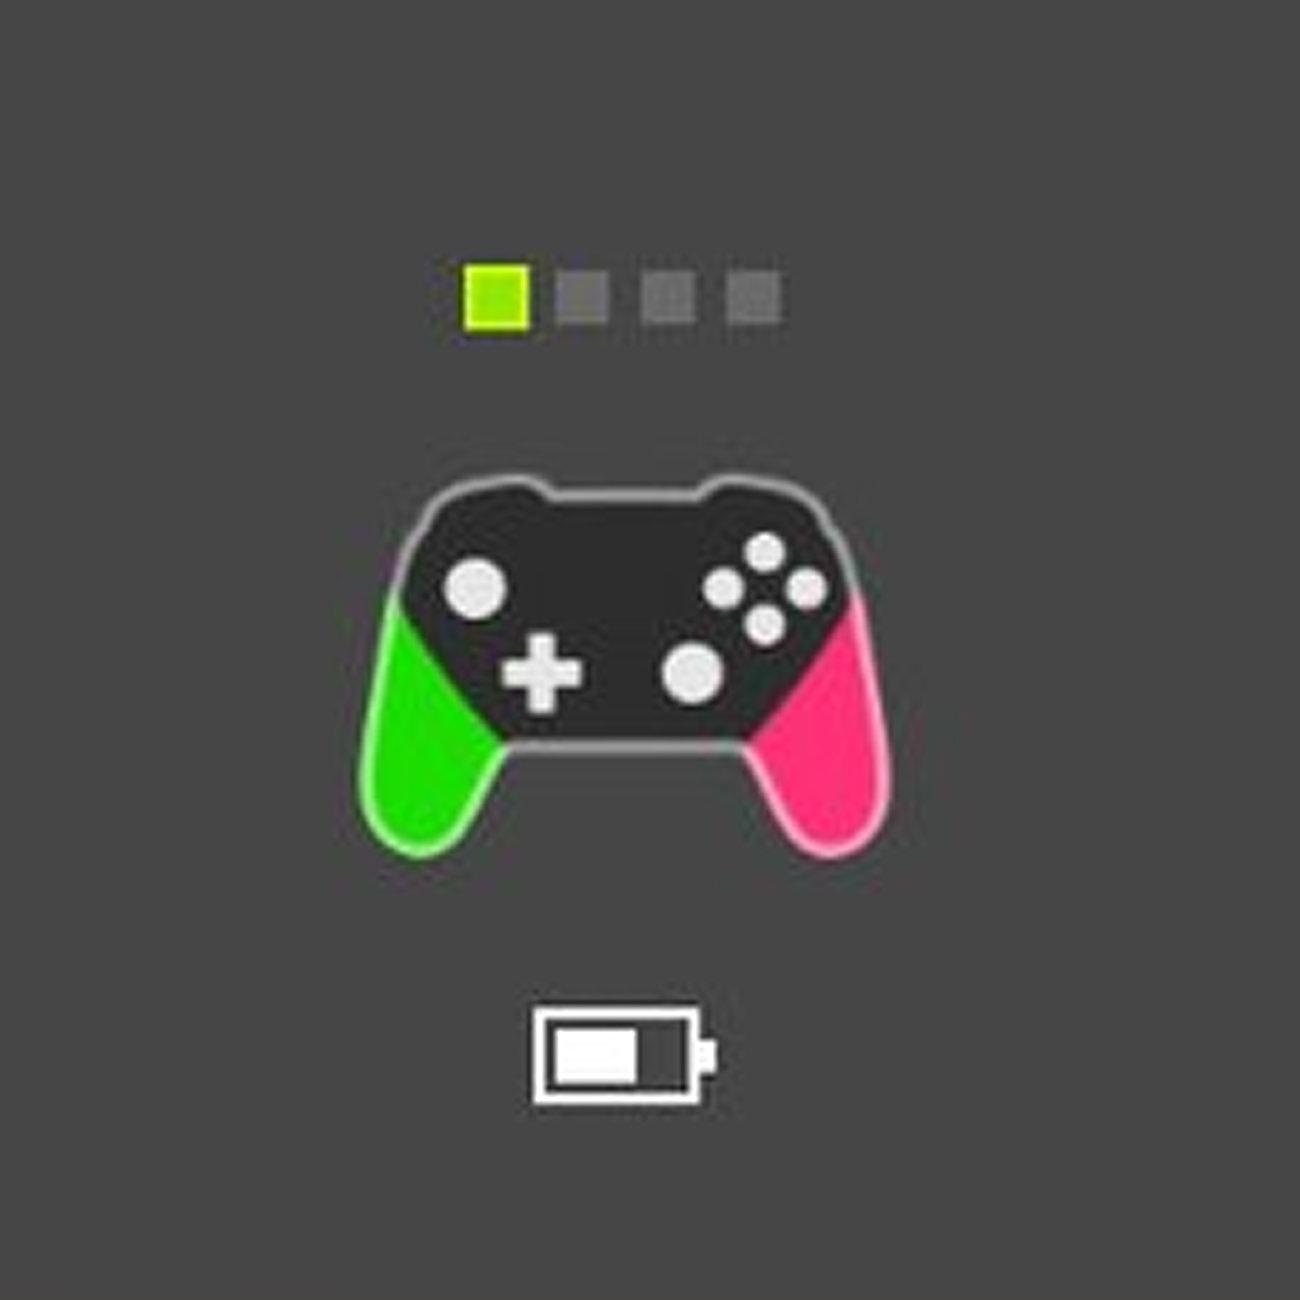 ニンテンドースイッチ、PROコントローラーの色も表示